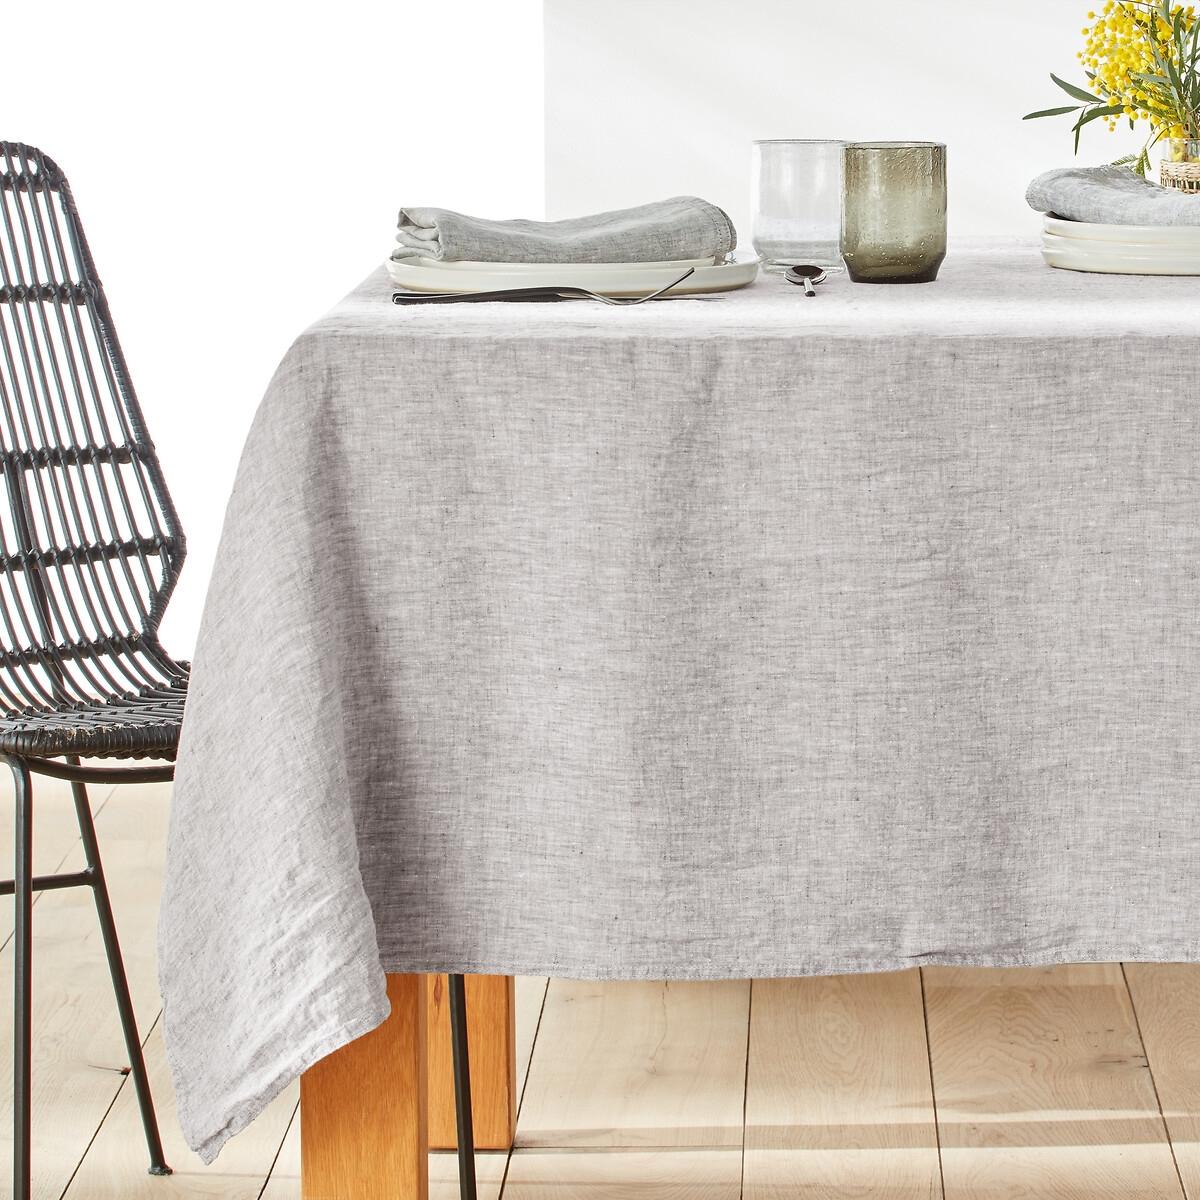 Скатерть LaRedoute Из ткани шамбре из 100 осветленного льна Victorine 170 x 300 см серый